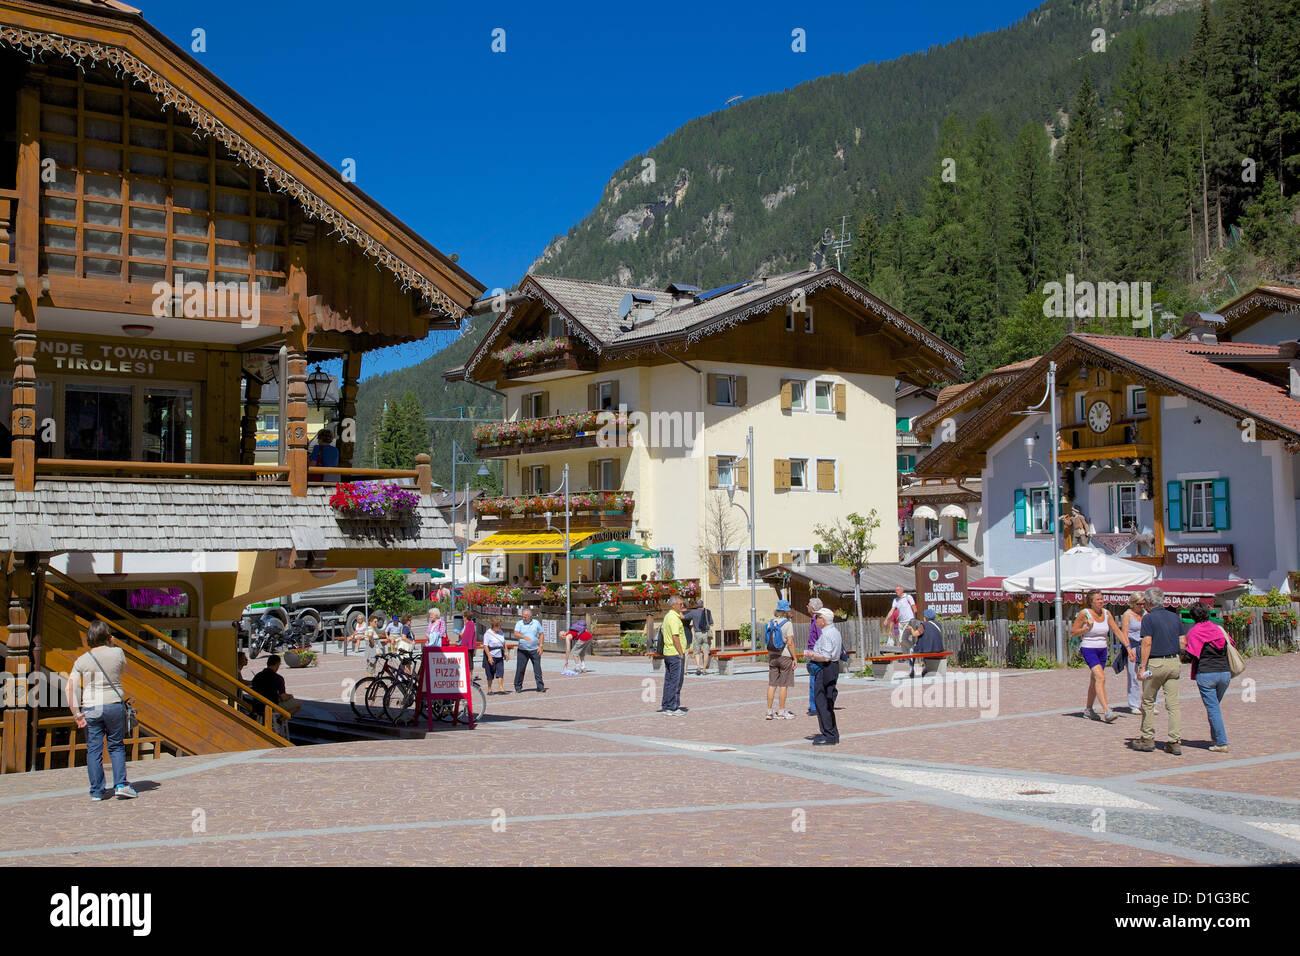 Town Square, Canazei, Val di Fassa, Trentino-Alto Adige, Italy, Europe - Stock Image